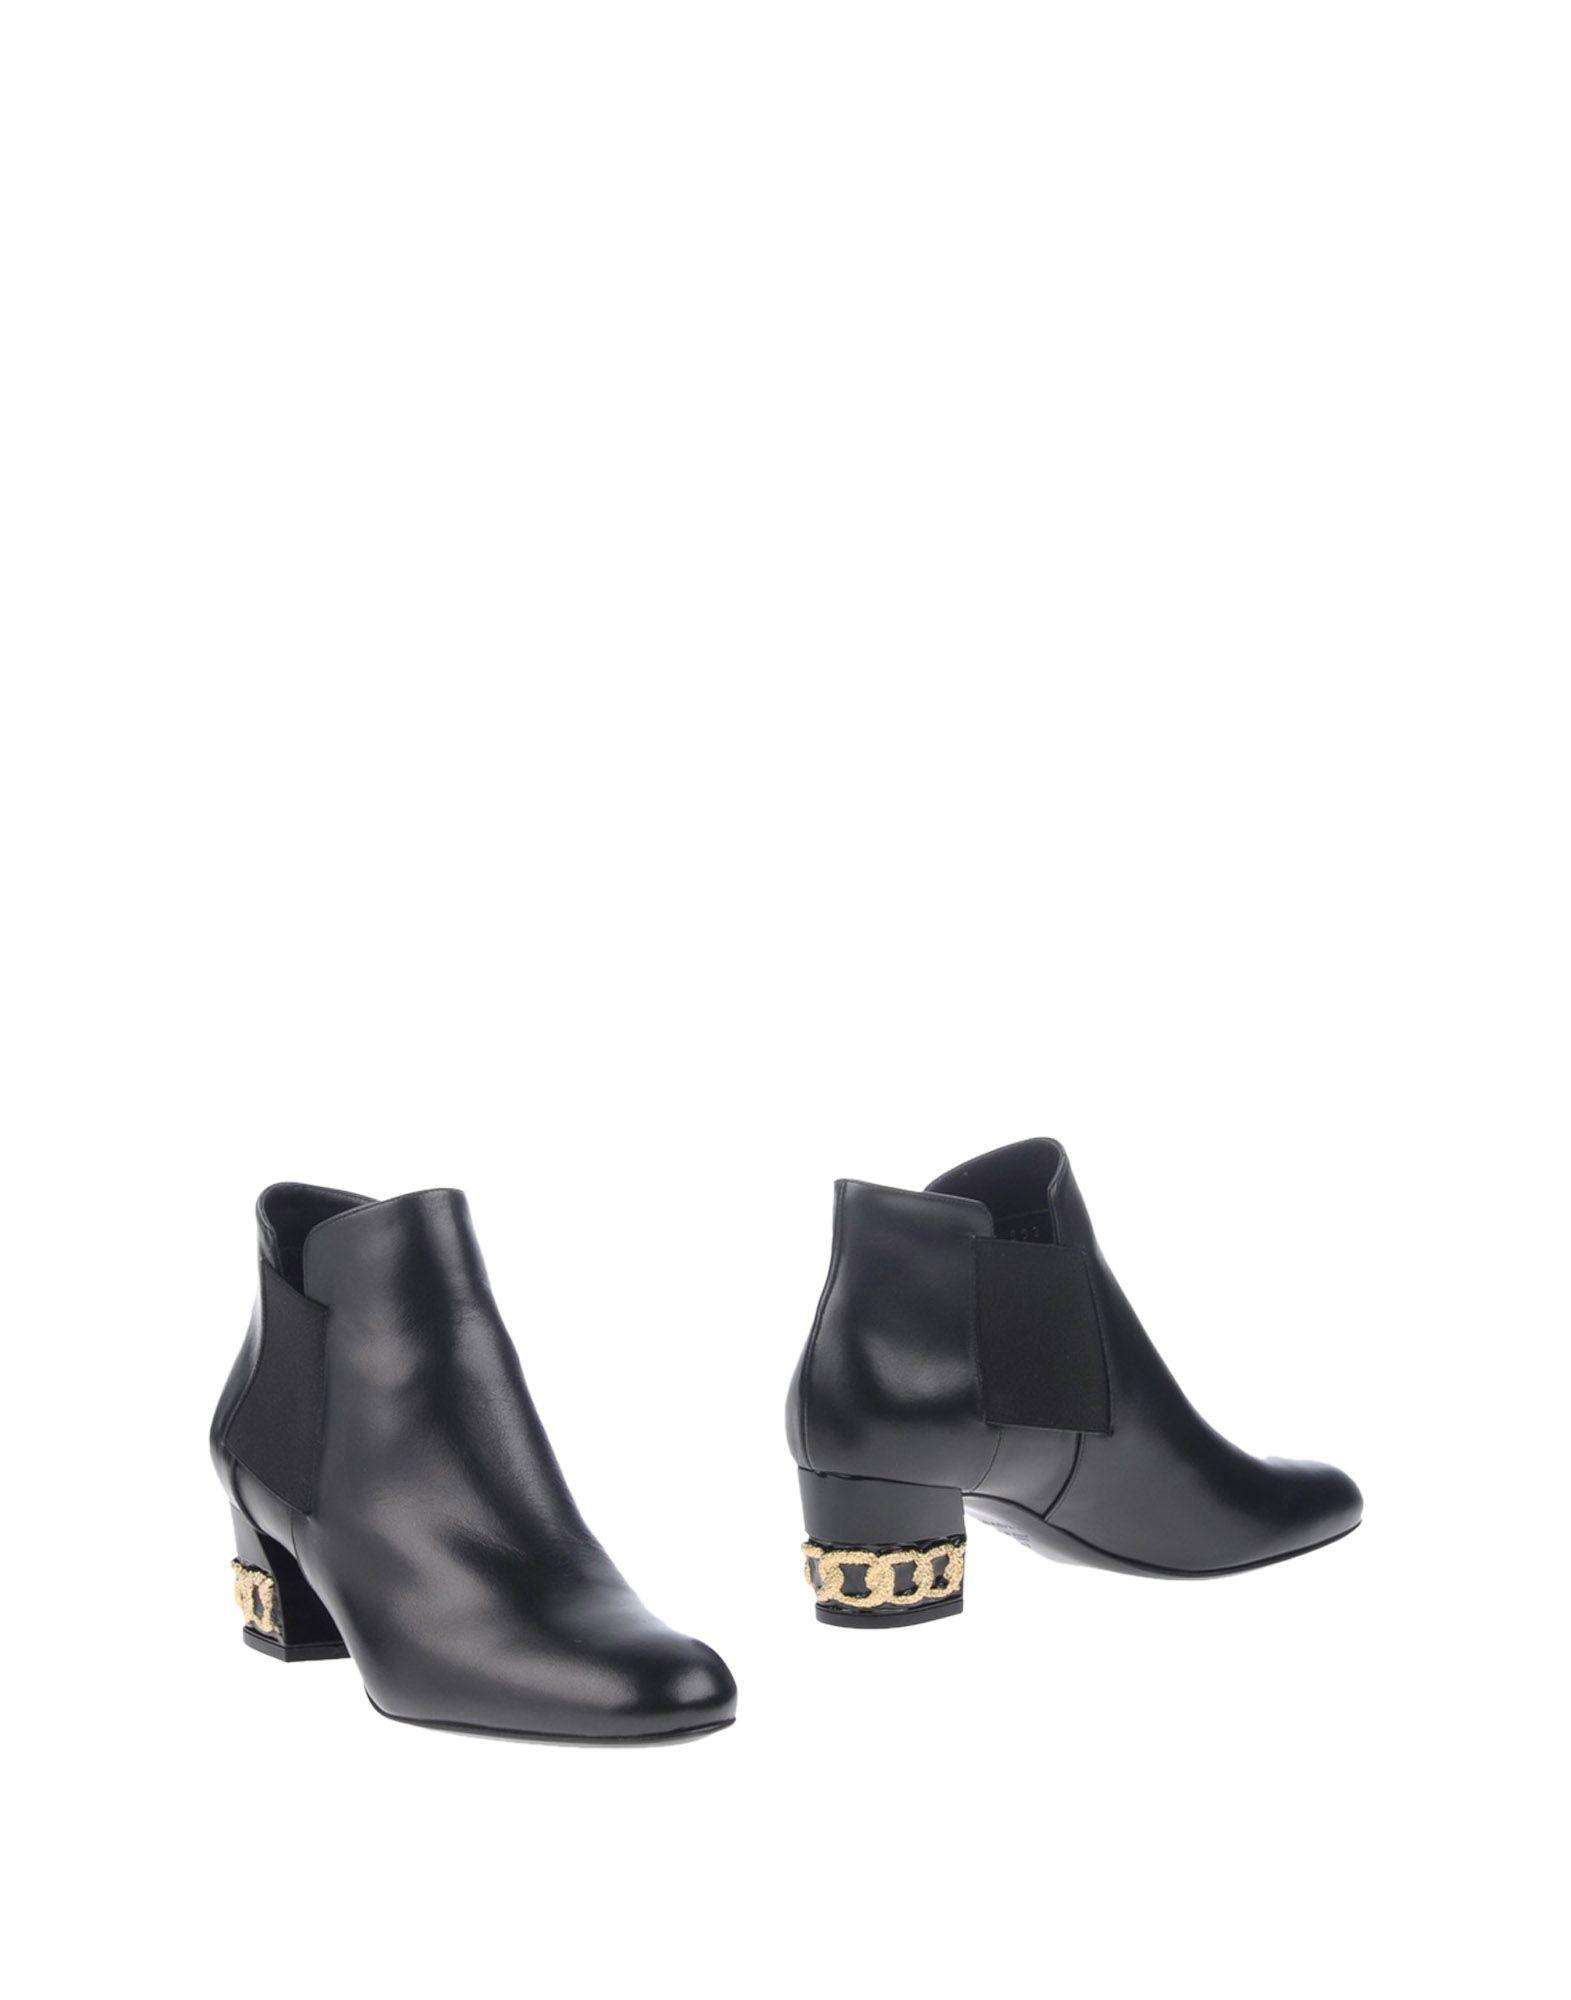 Casadei Stiefelette Damen  11309201XGGünstige Schuhe gut aussehende Schuhe 11309201XGGünstige 4db1e2